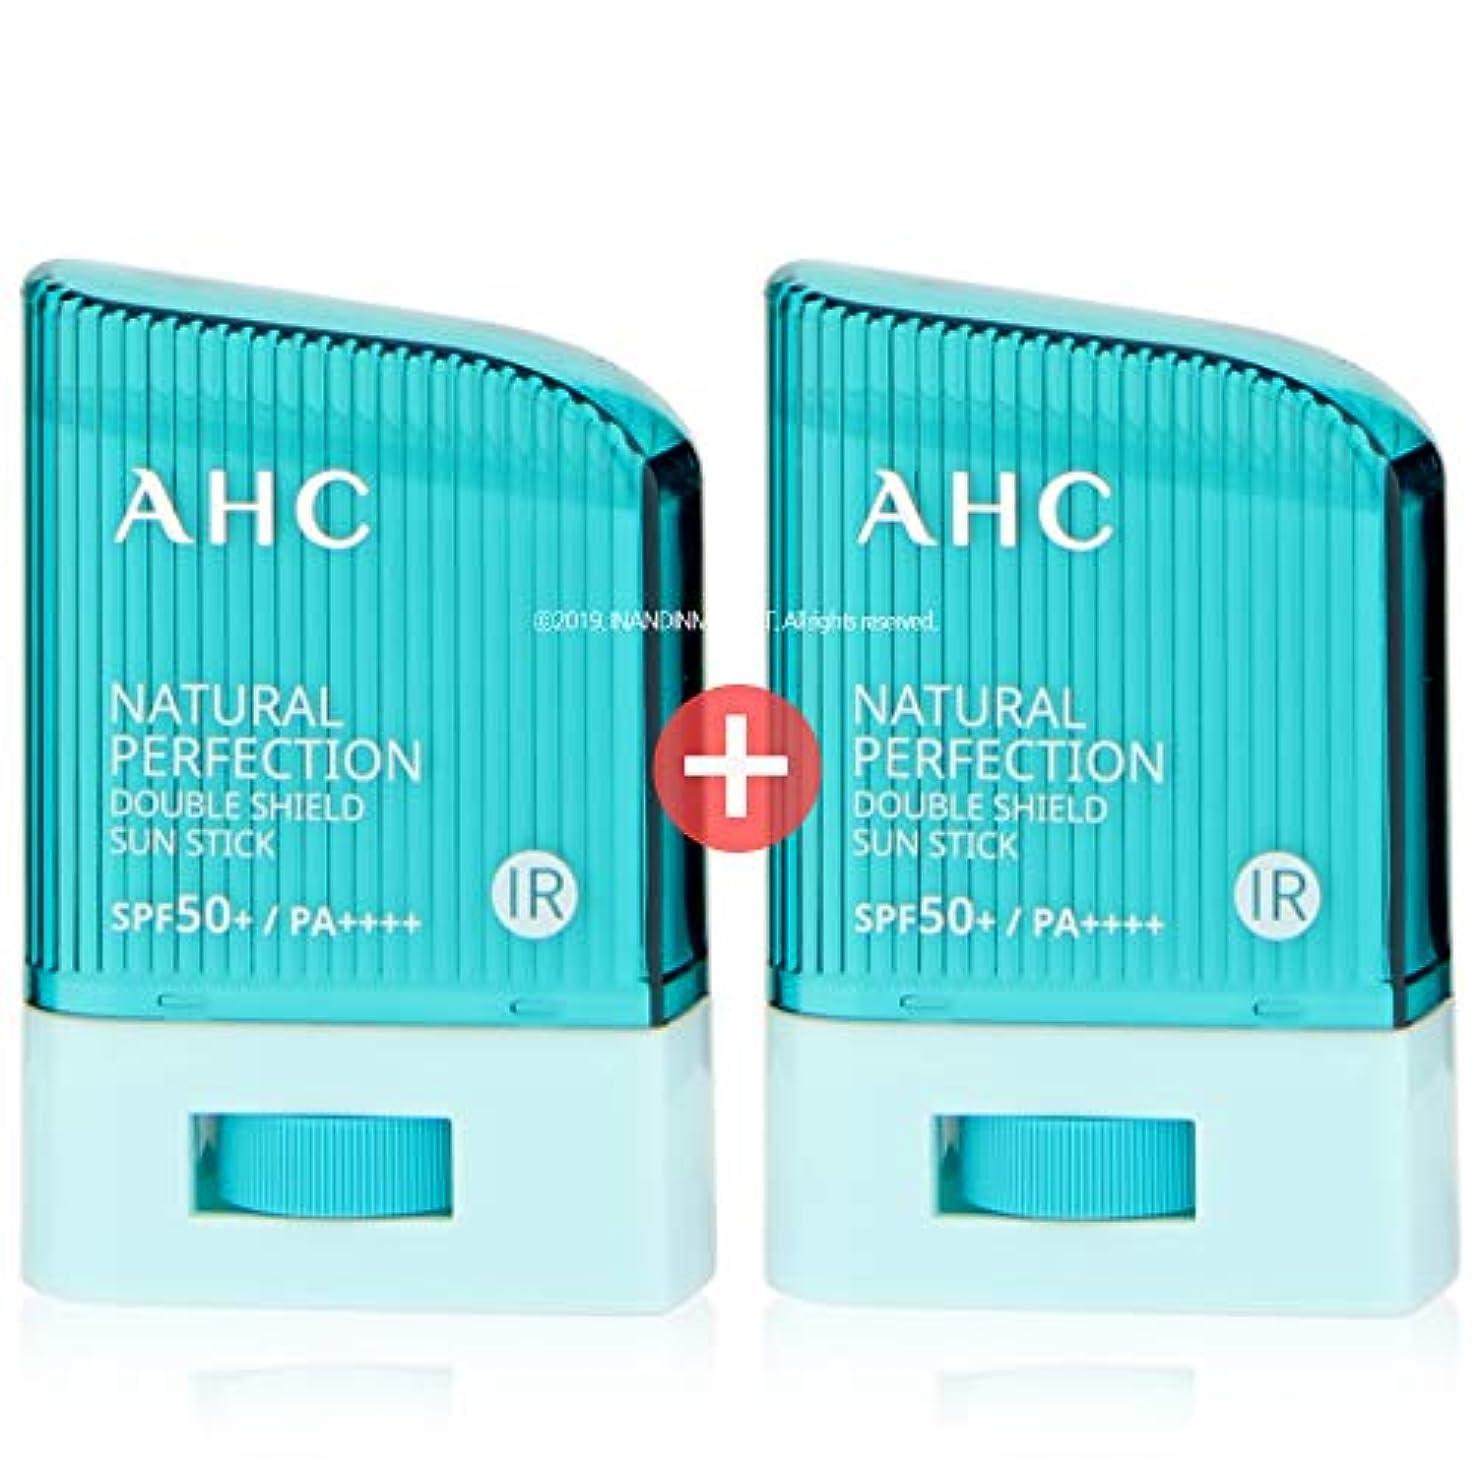 雪最も遠い船尾[ 1+1 ] AHC ナチュラルパーフェクションダブルシールドサンスティック 14g, Natural Perfection Double Shield Sun Stick SPF50+ PA++++